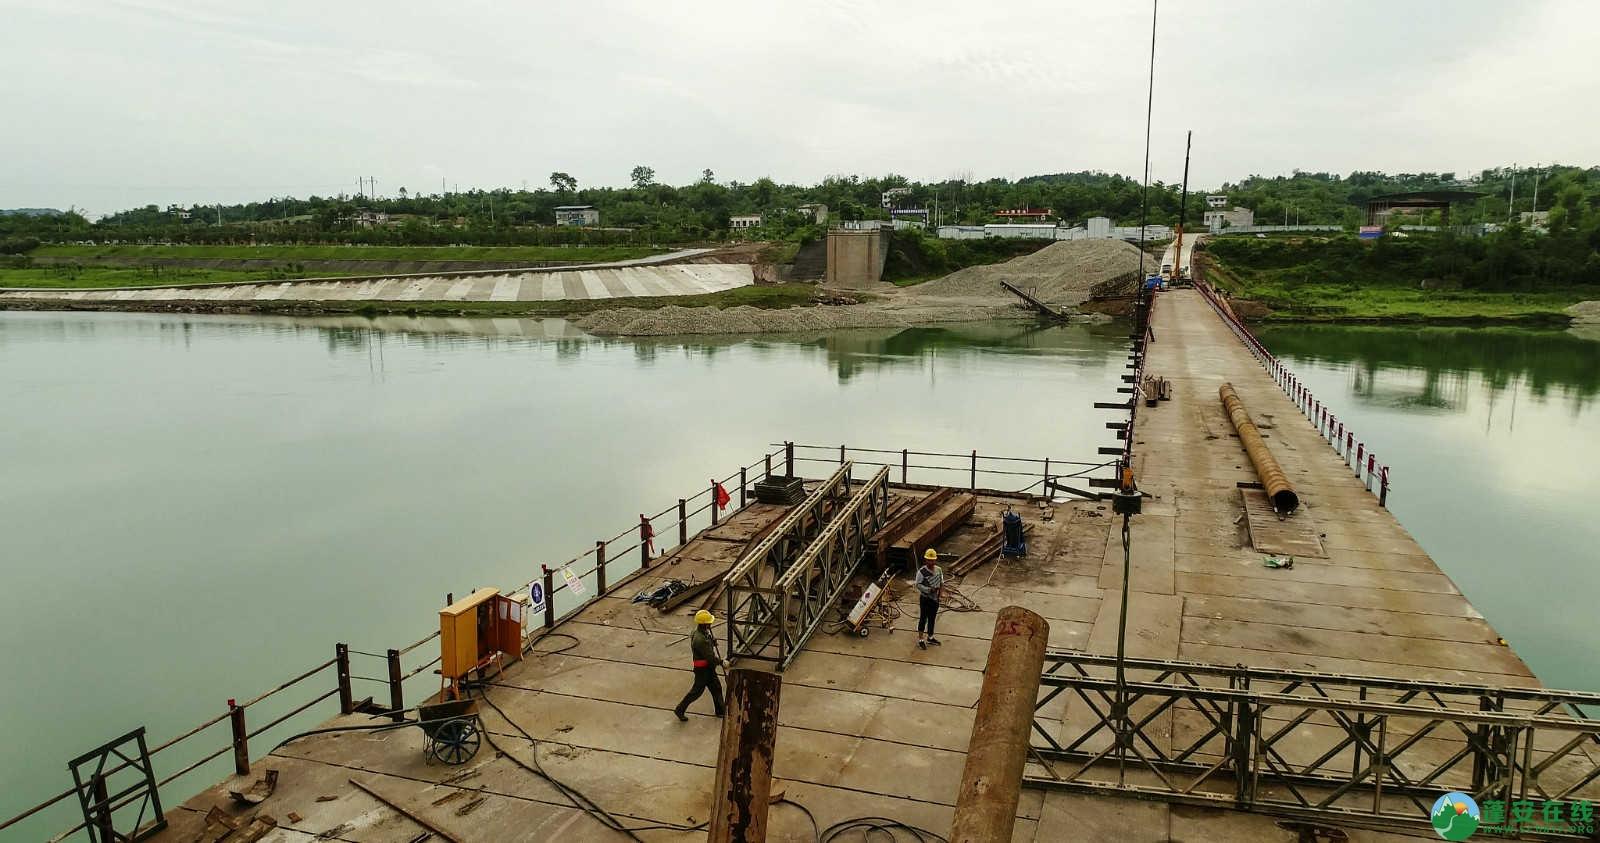 蓬安嘉陵江一桥修建进(2019年5月11日) - 第4张  | 蓬安在线